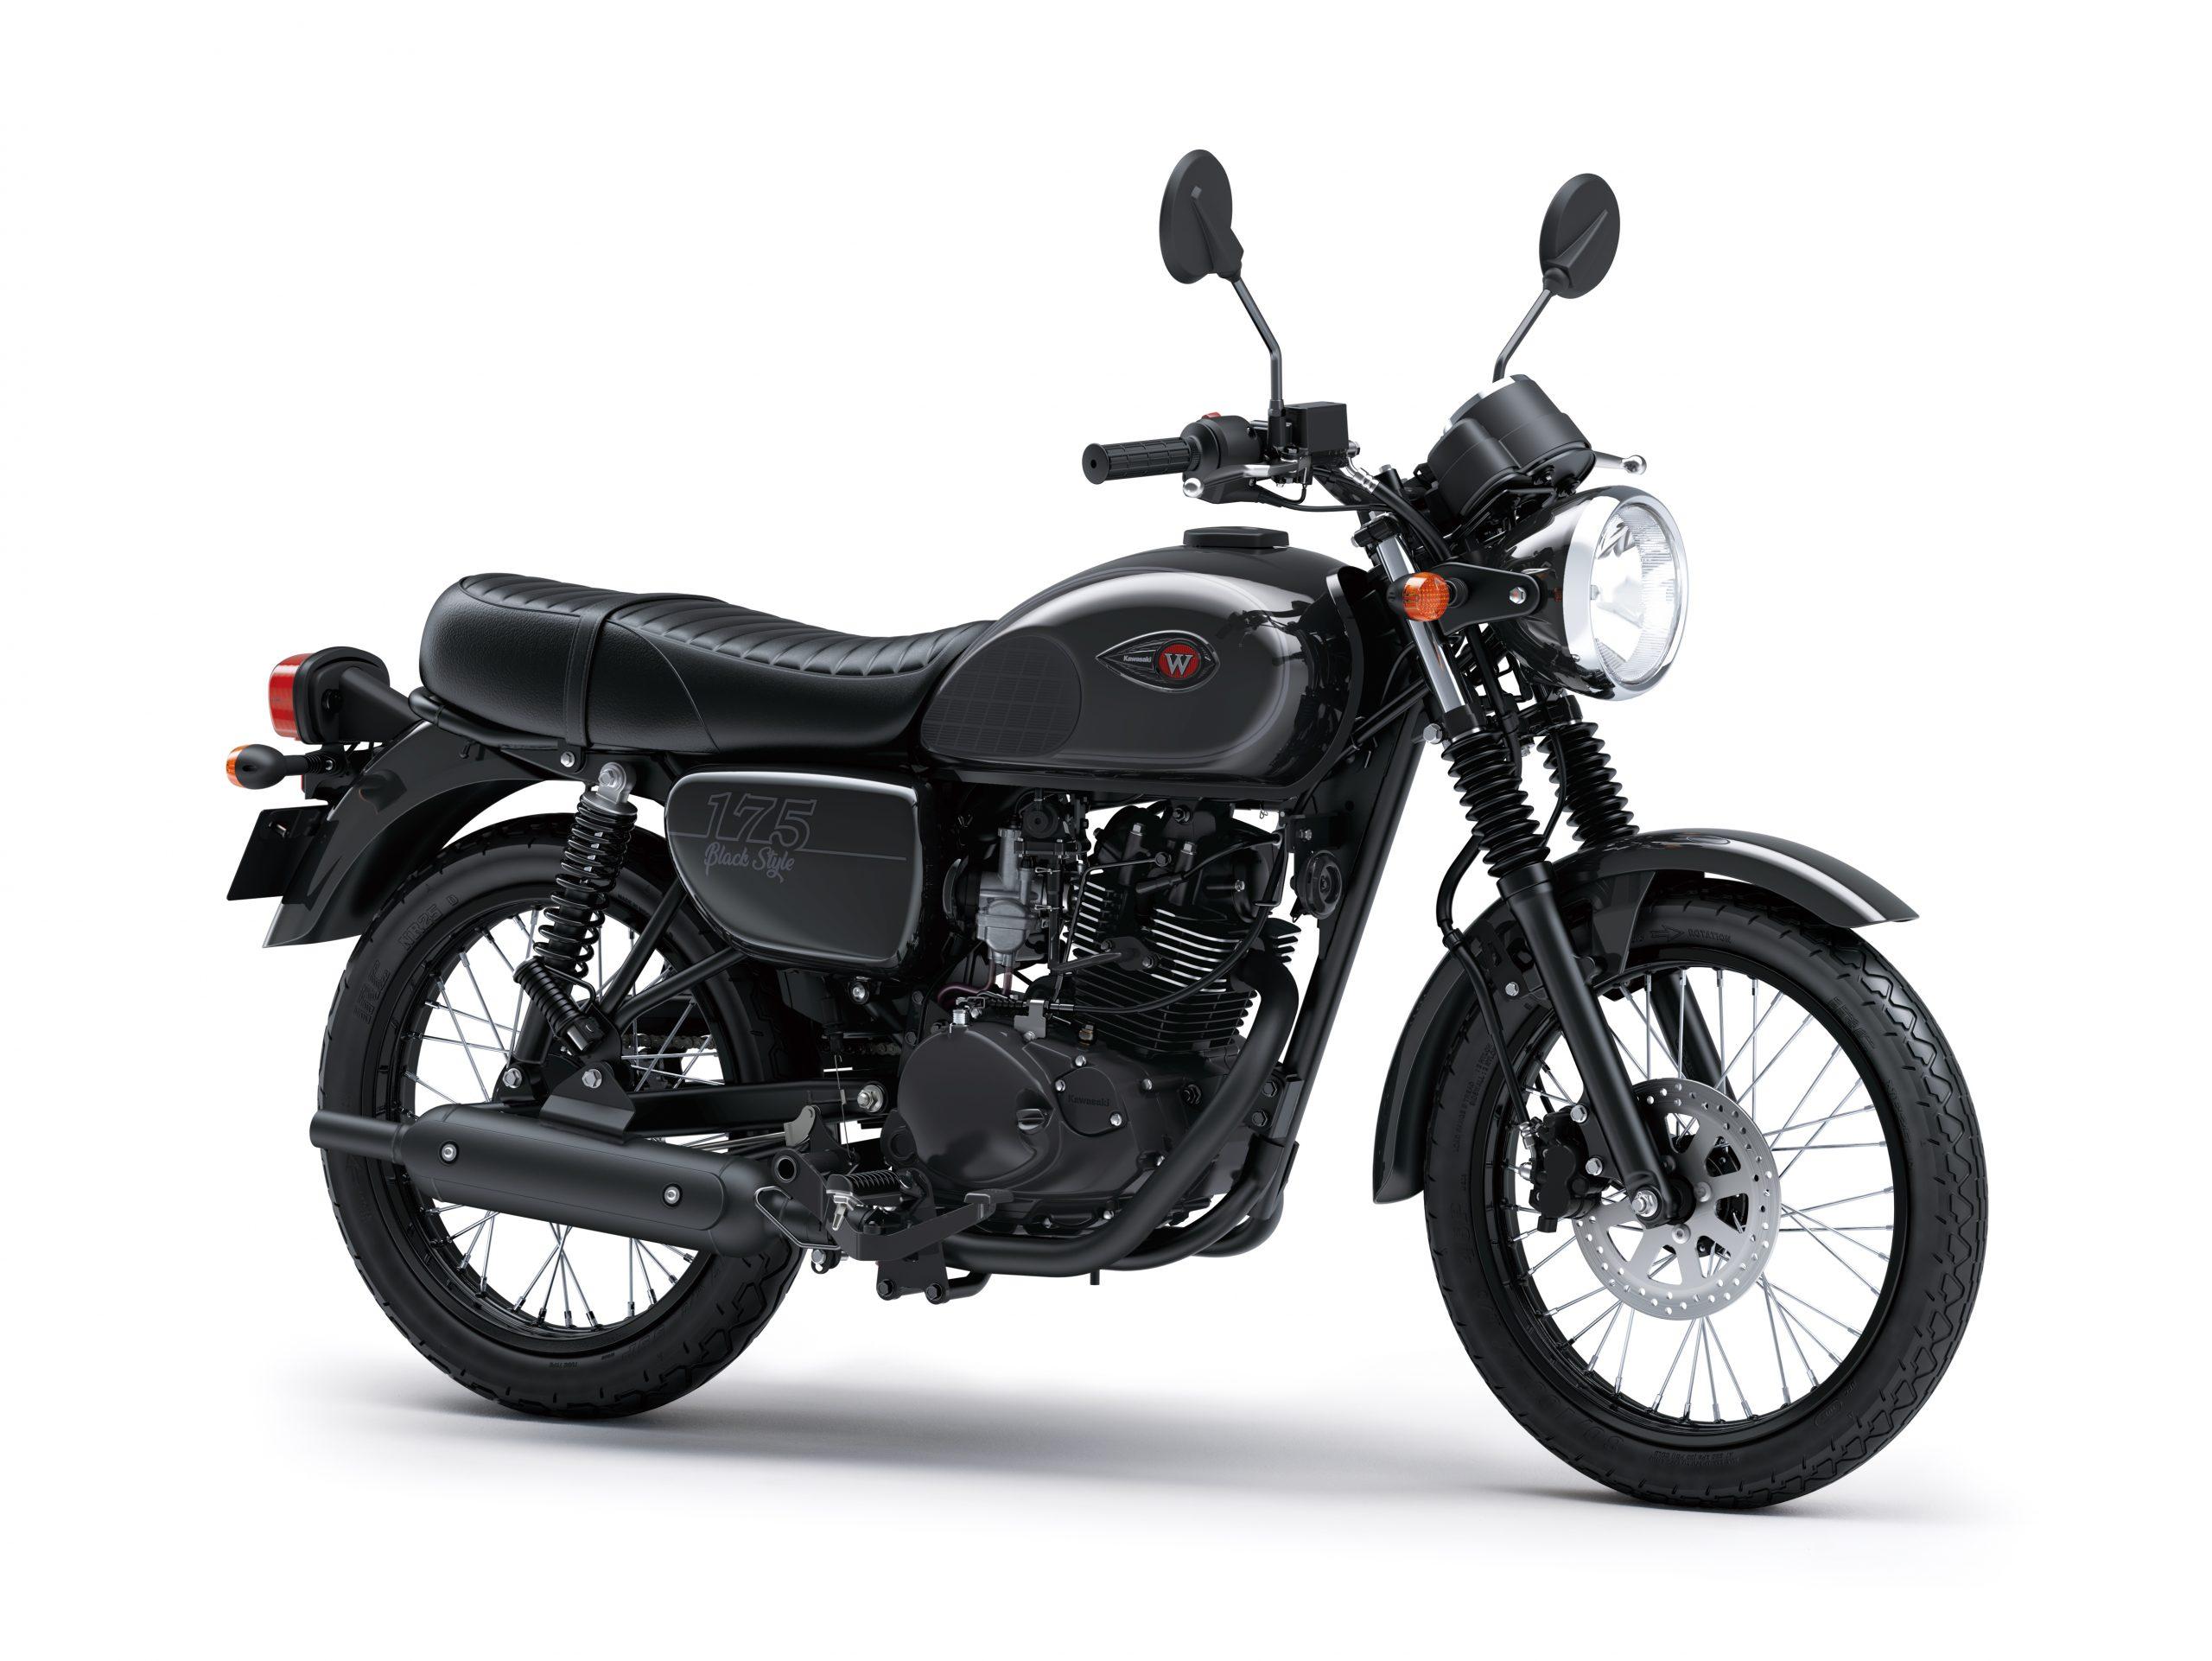 Kawasaki W175 SE 2021